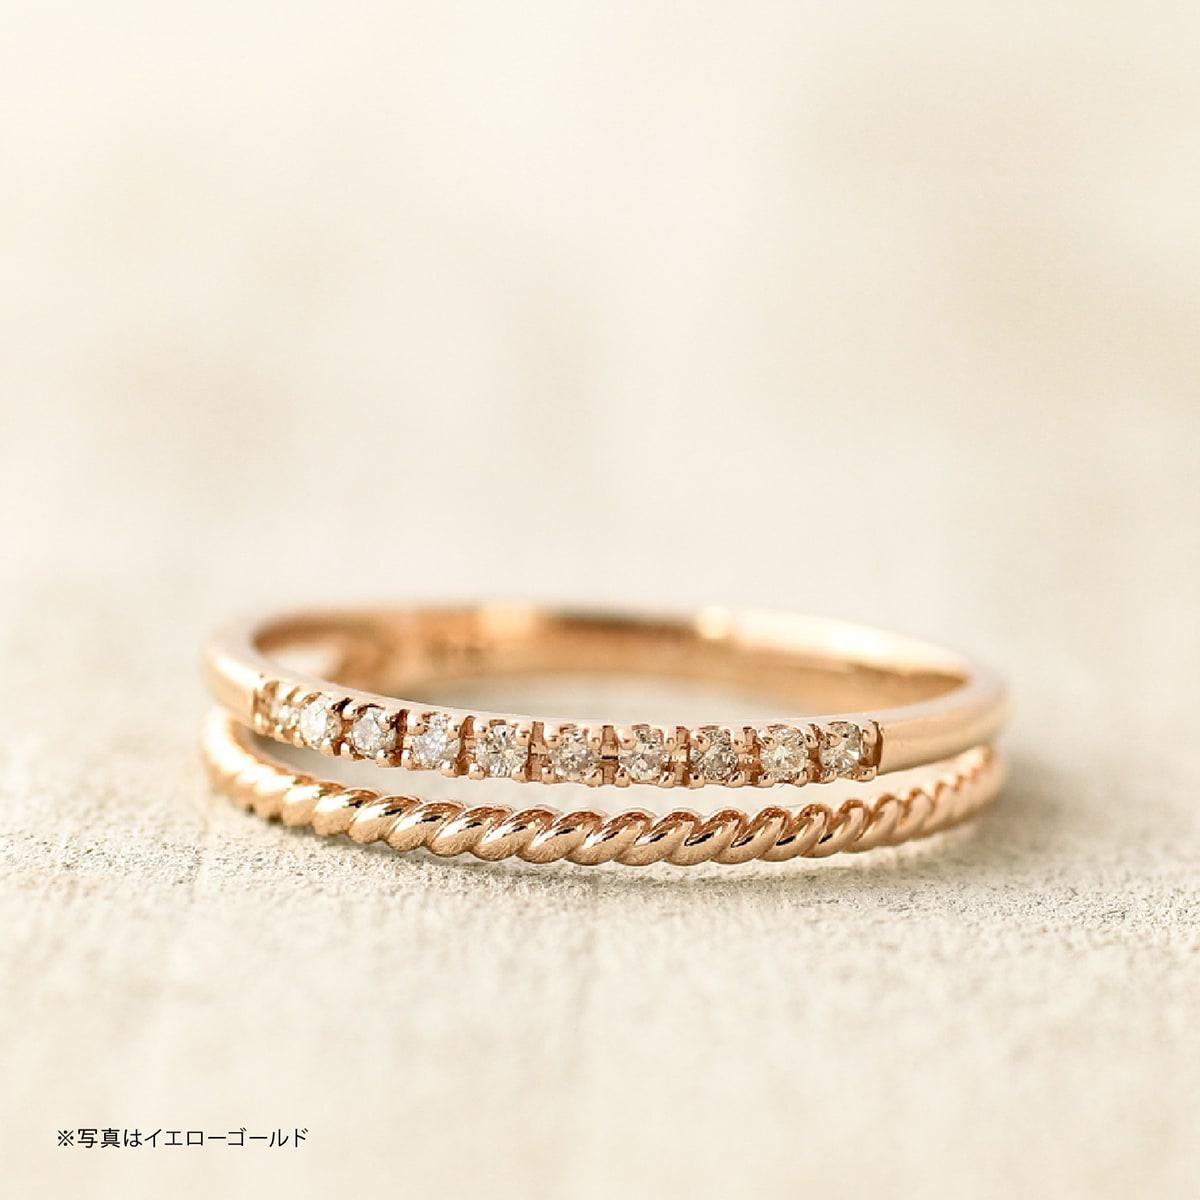 ダイヤモンド リング k10 イエローゴールド ホワイトゴールド ピンクゴールド ファッションリング 品質保証書 金属アレルギー 日本製 誕生日 ギフトXiTOukPZ